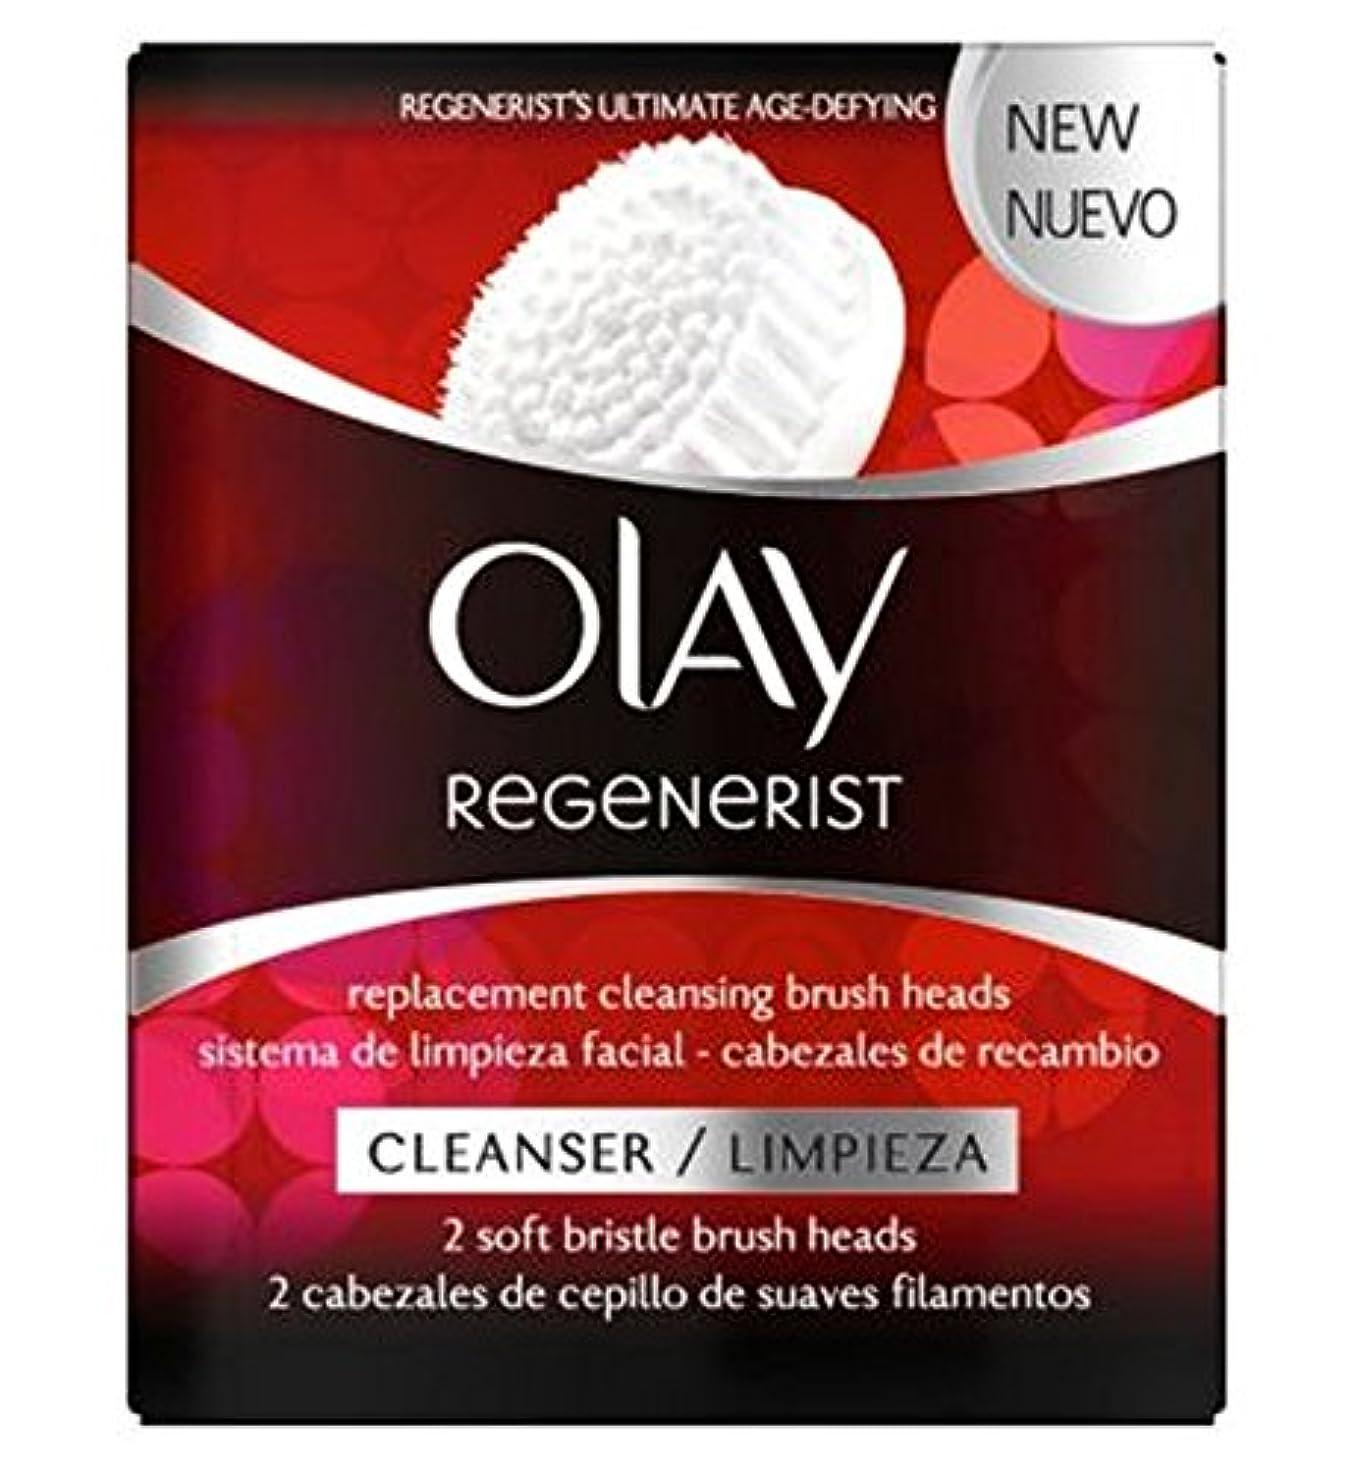 テロリスト速報日曜日Olay Regenerist 2 Replacement Cleansing Brush Heads - オーレイリジェネ2交換用クレンジングブラシヘッド (Olay) [並行輸入品]